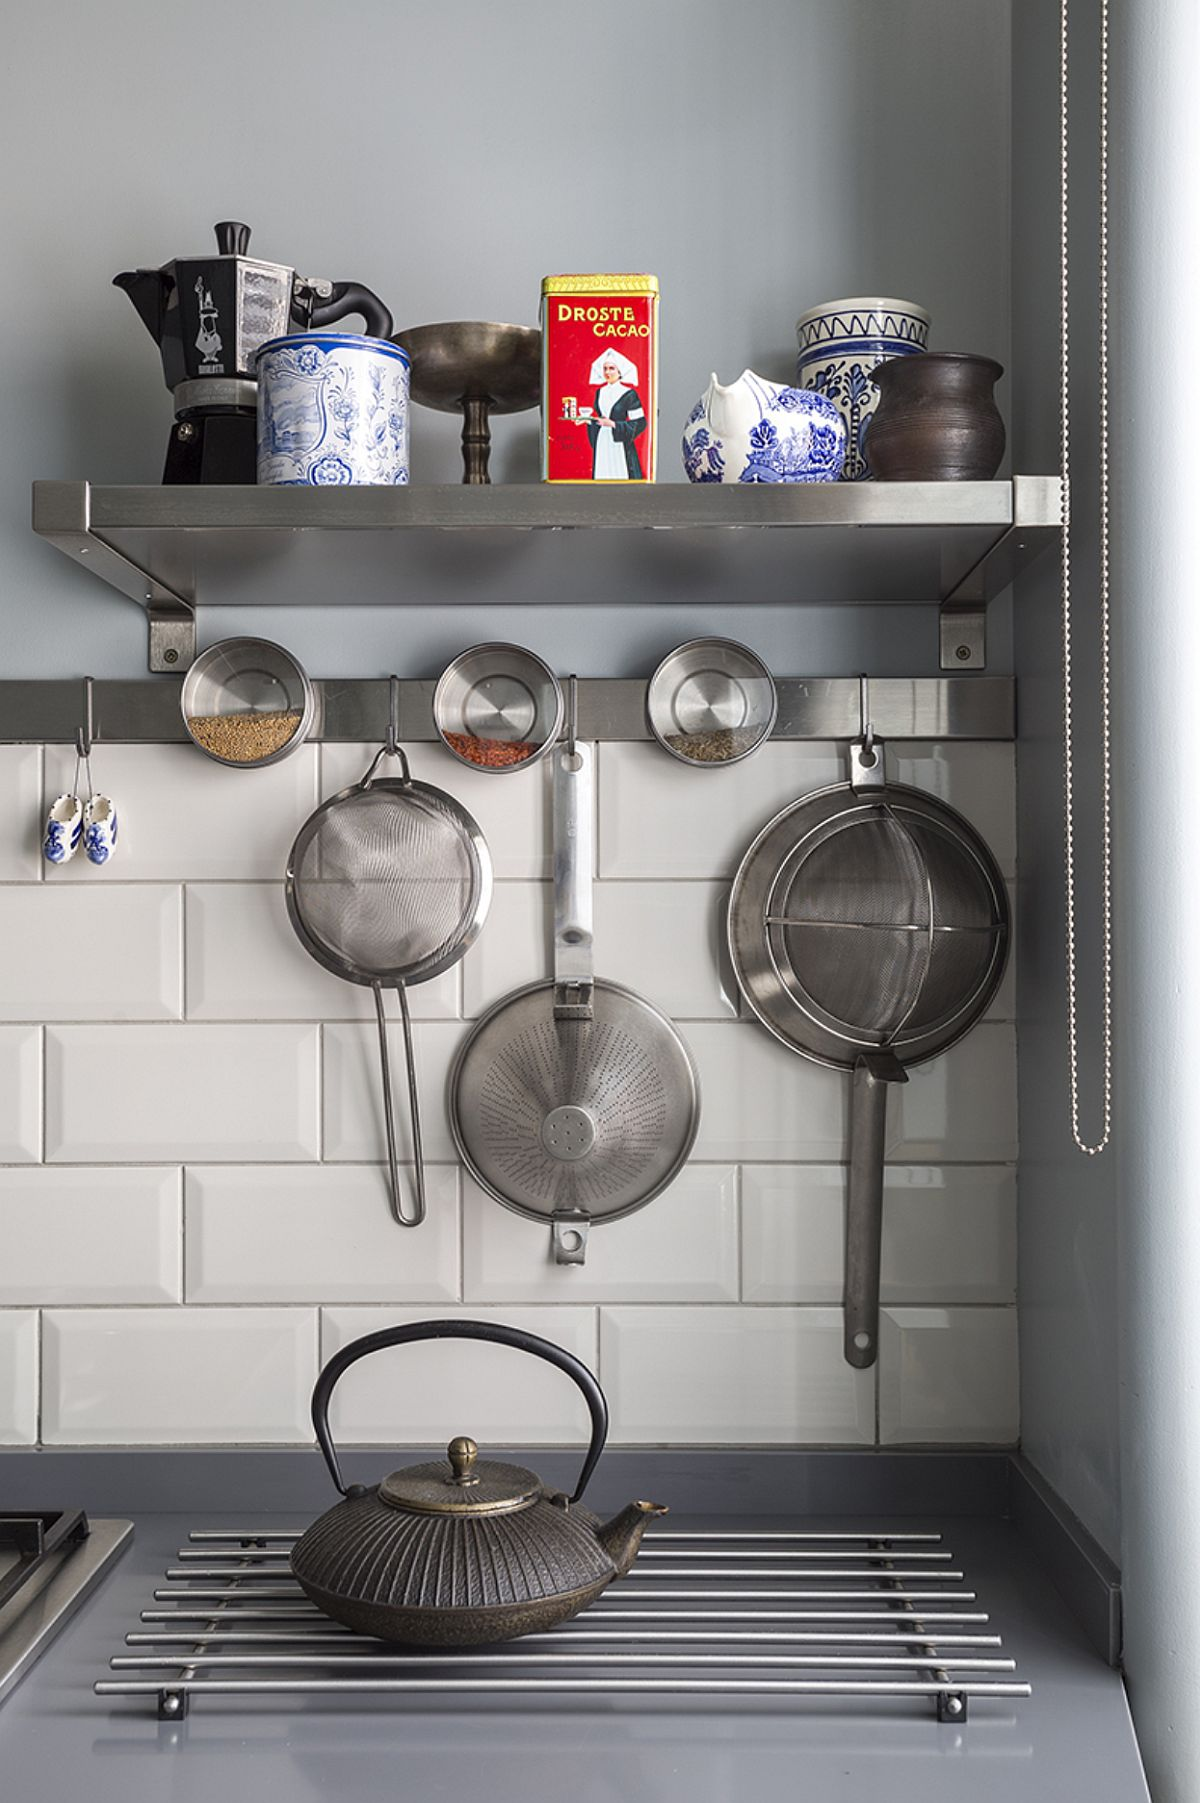 Orice spațiu pe verticală merită exploatat într-un spațiu mic, cum este și cazul acestei bucătării. Și da, chiar dacă este mică, pereții nu sunt îmbrăcați până sus cu faianță, ci doar în zona sensibilă. Pentru cei care vor curățenie maximă în bucătărie accesoriile din inox sunt o variantă bună.